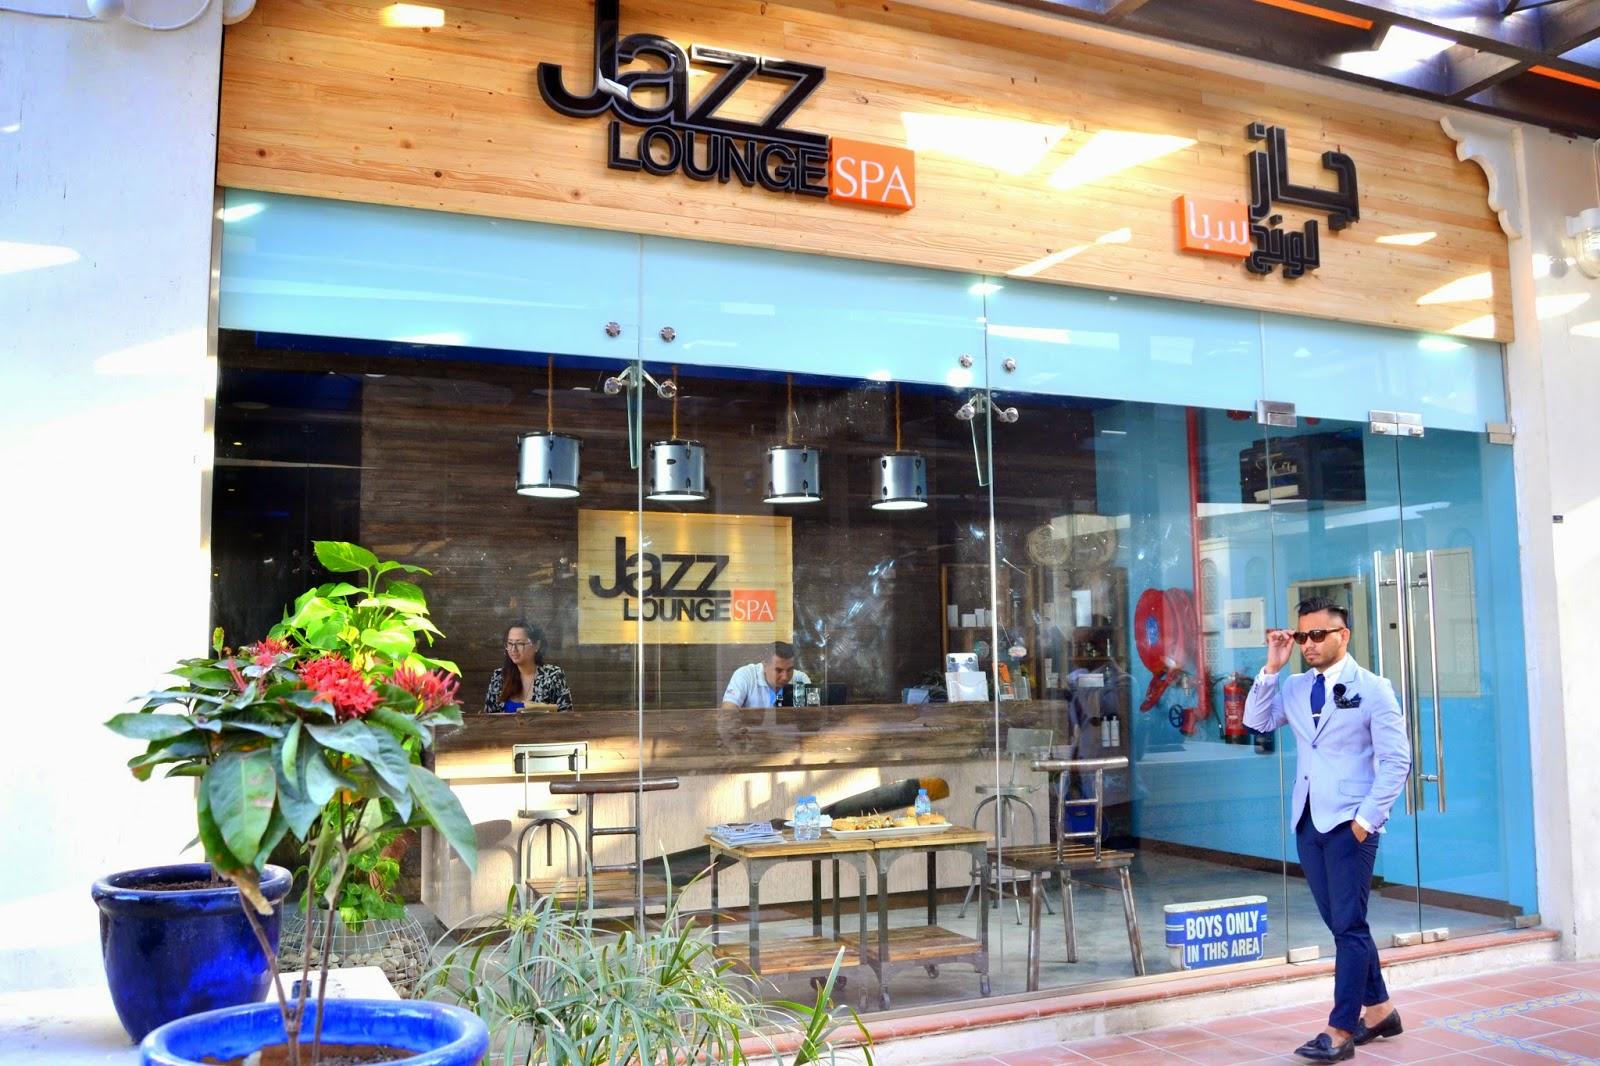 The style choreo jazz lounge spa for Salon lounge